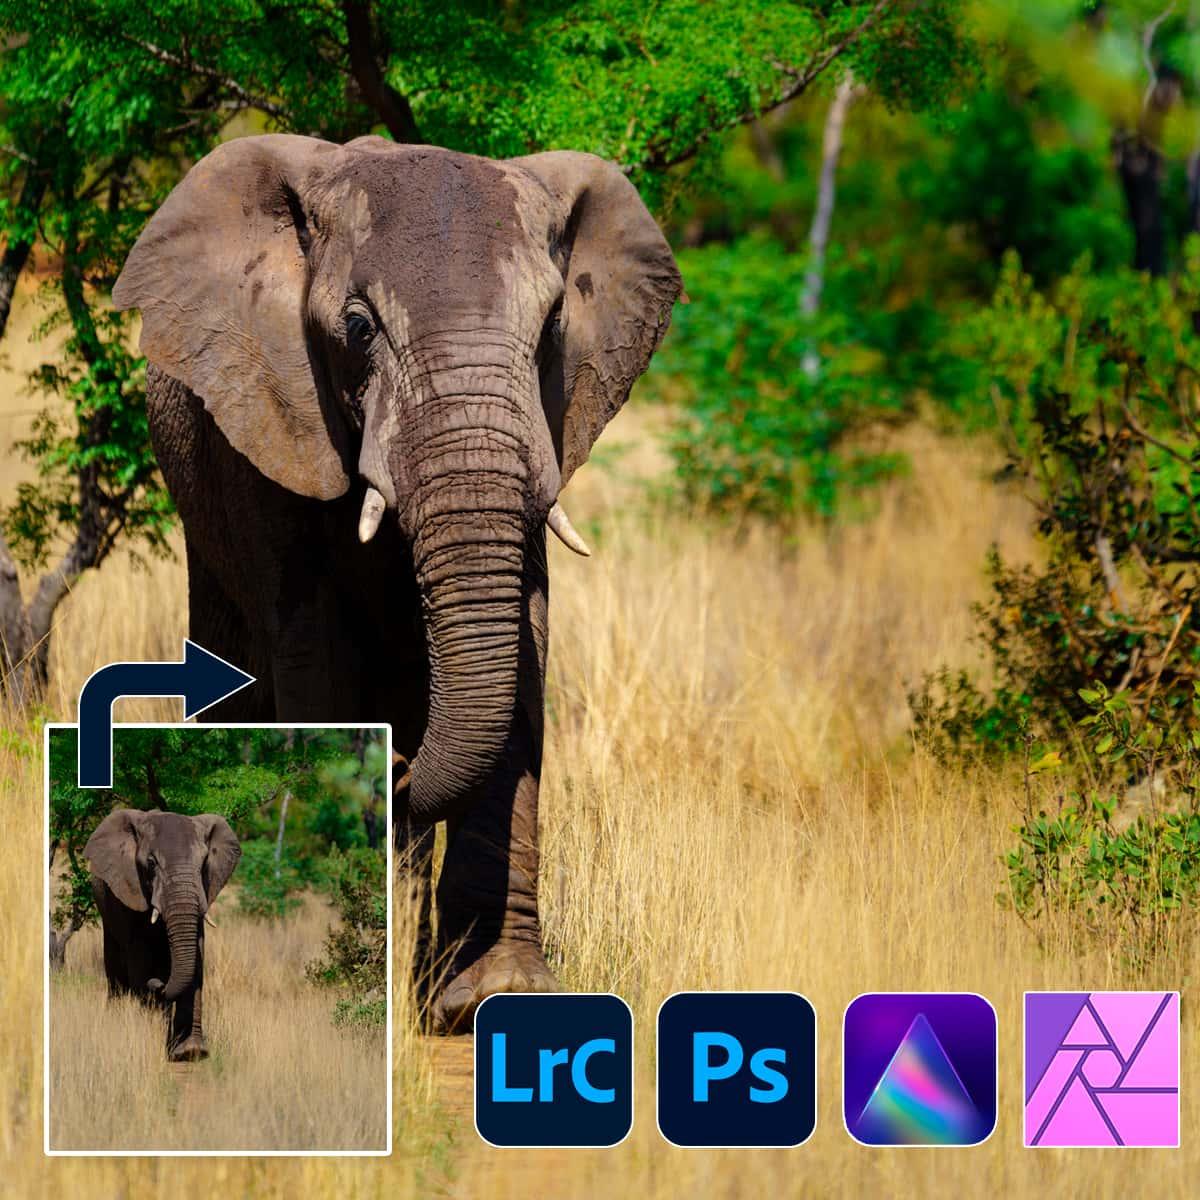 1200x1200 fb ad fotobewerkings 3 daagse ad4